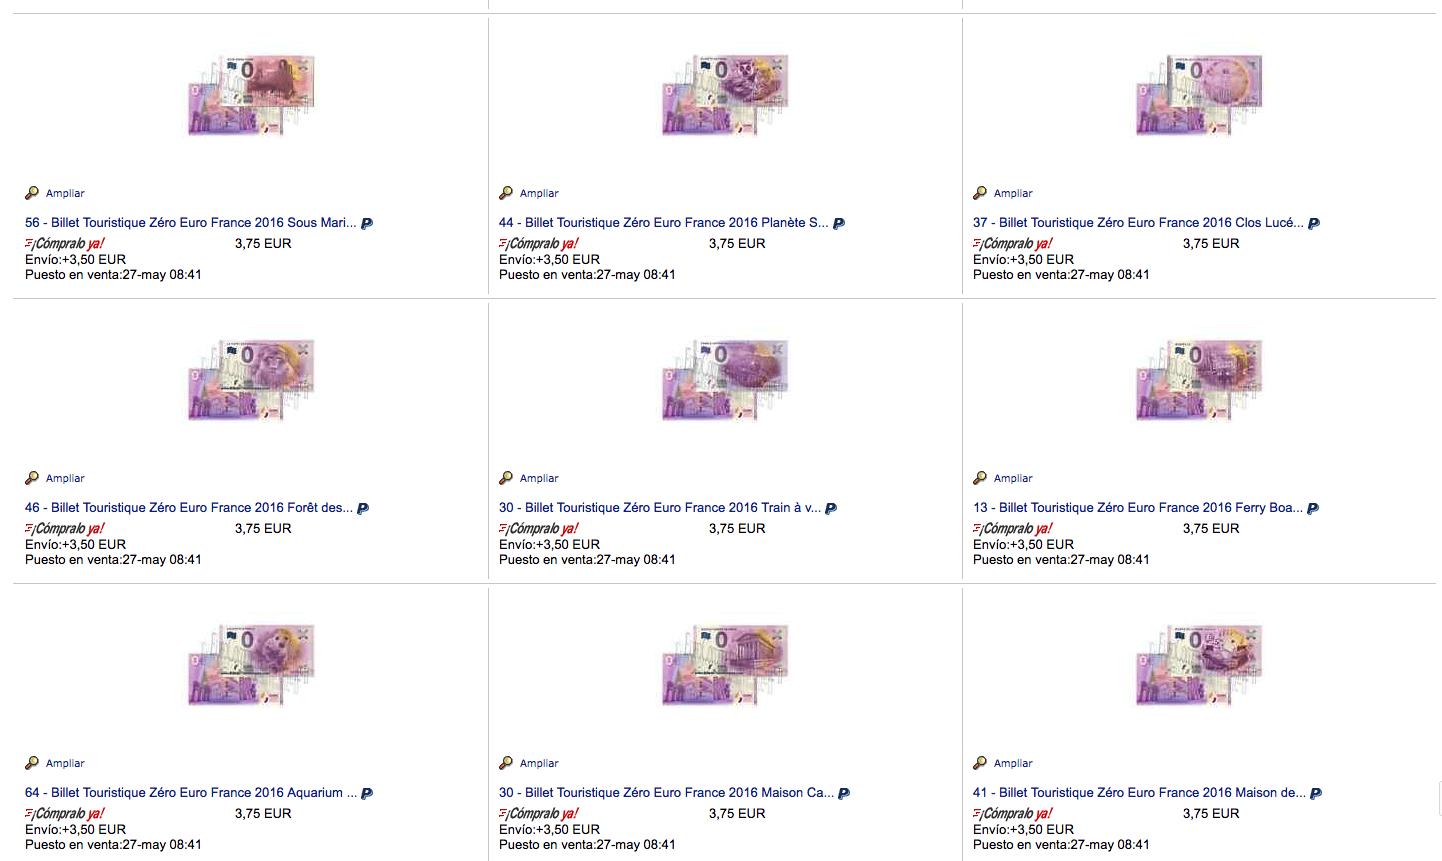 [TIL] Exista oficial bancnota de zero euro